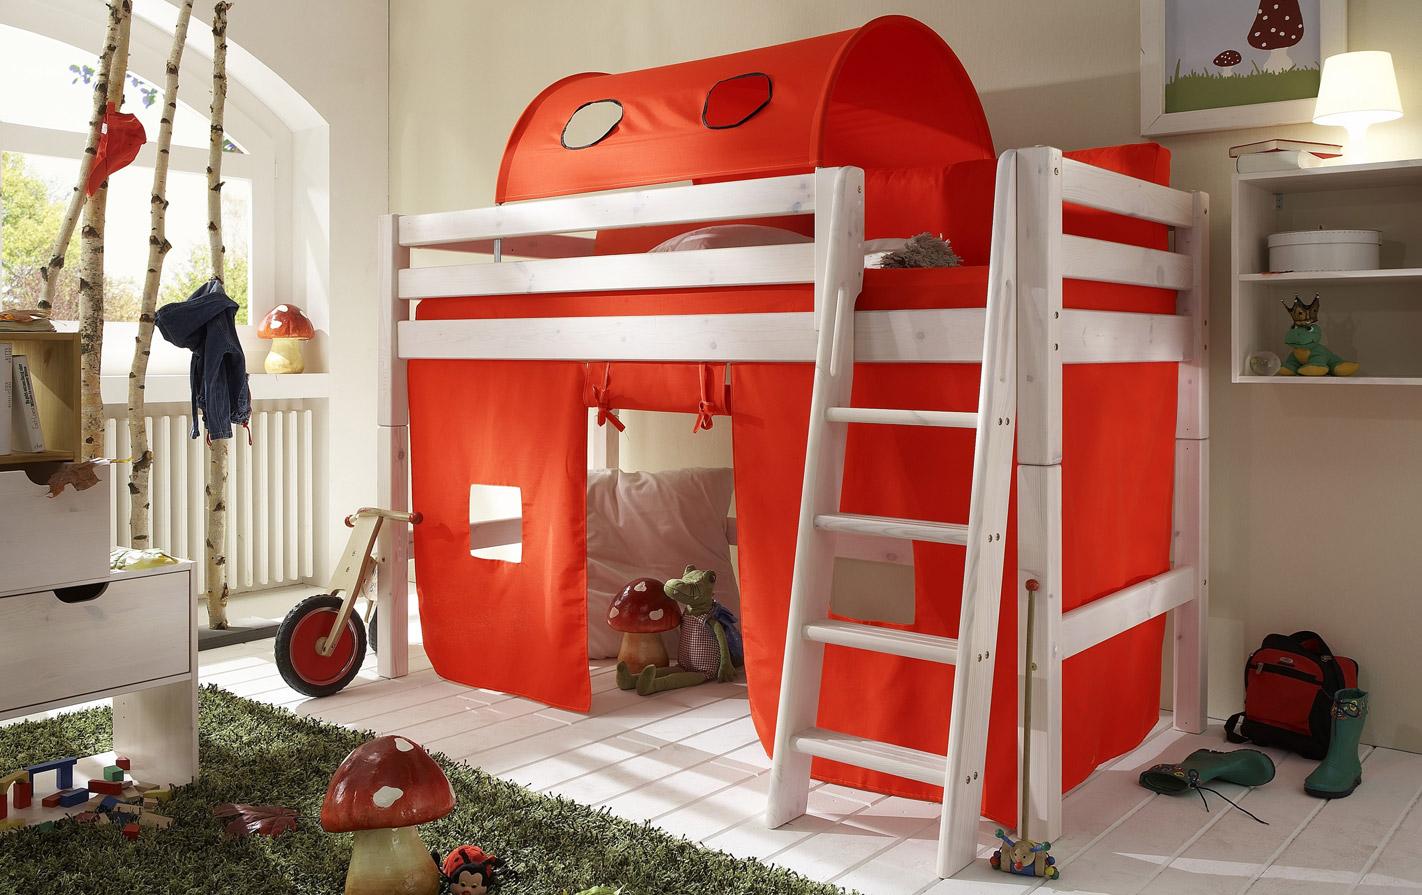 Spielvorhang orange für Kids Paradise Mini Hochbett